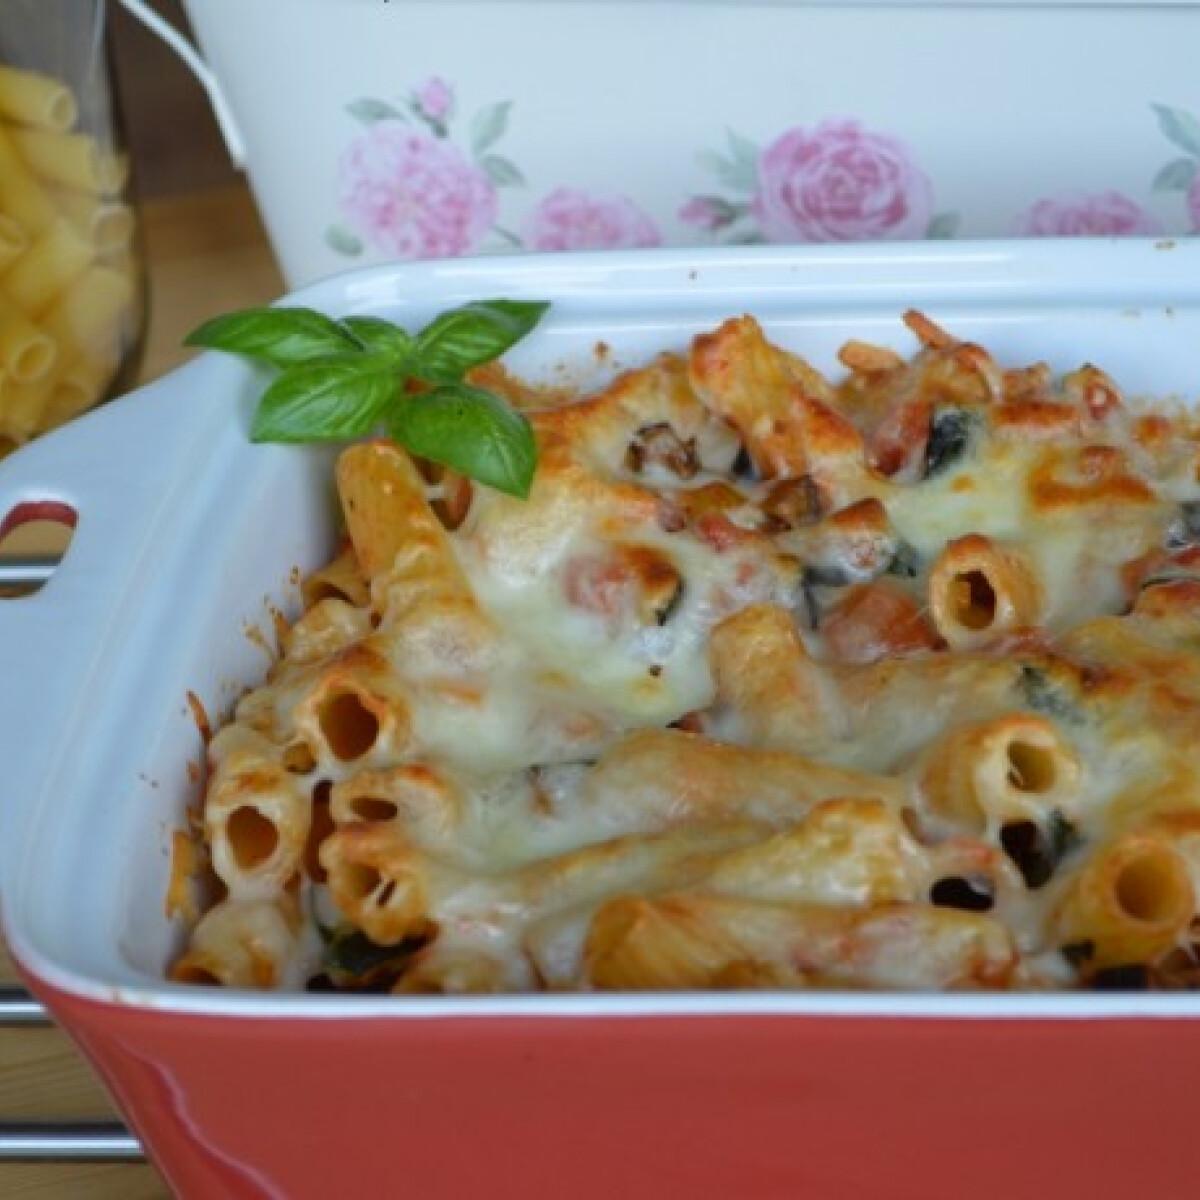 Ezen a képen: Csőben sült zöldséges tészta mozzarellával